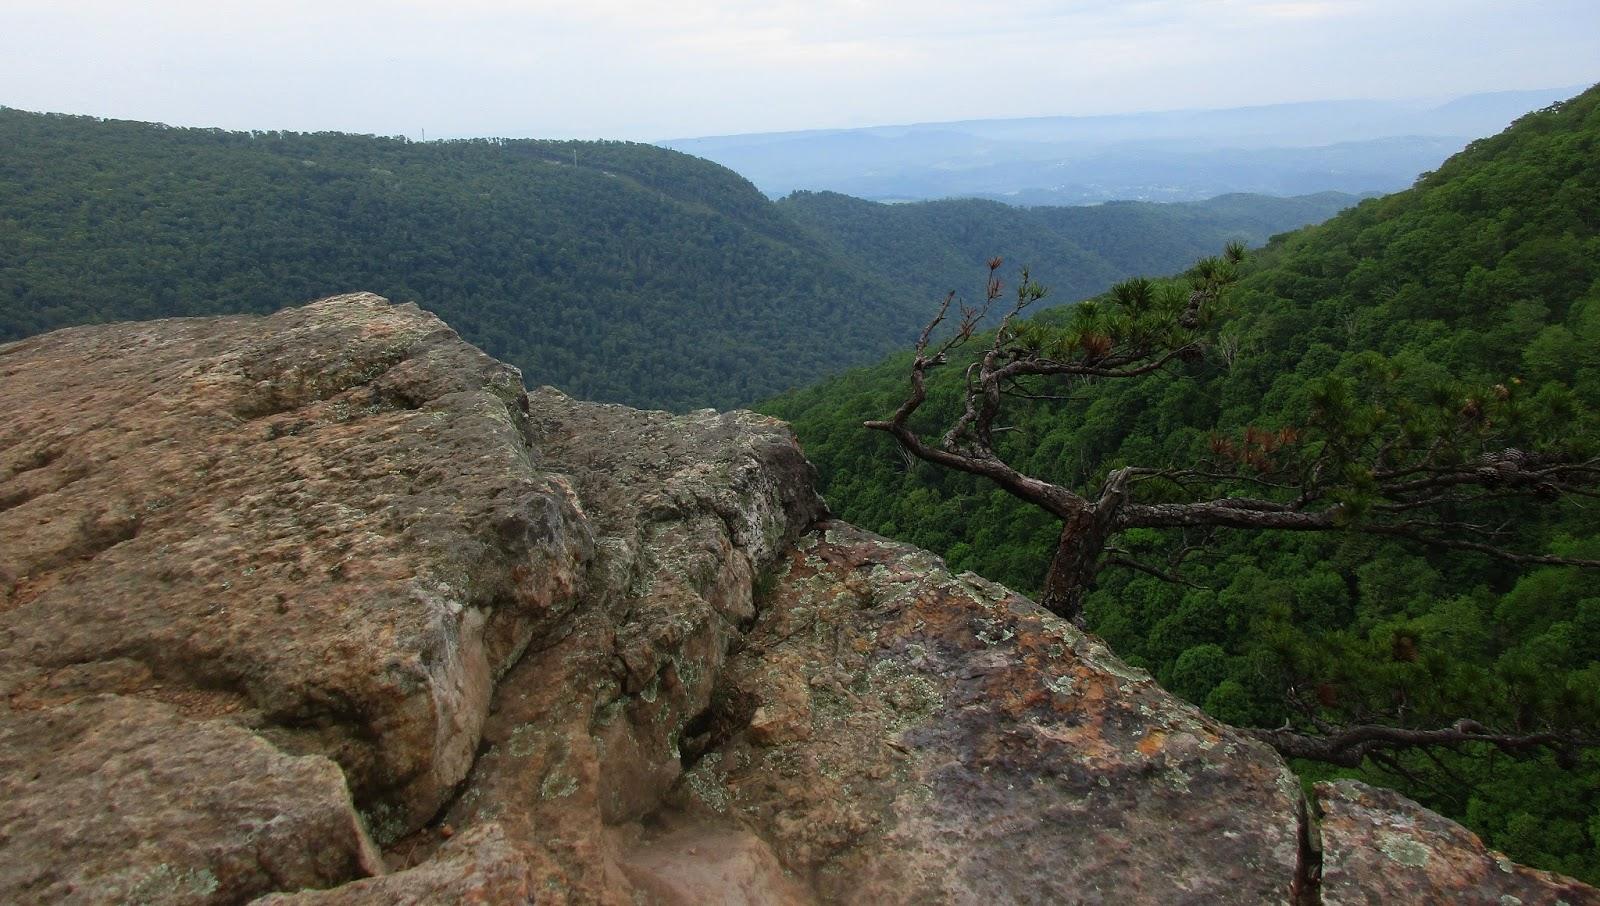 Butt mountain blacksburg virginia — 15